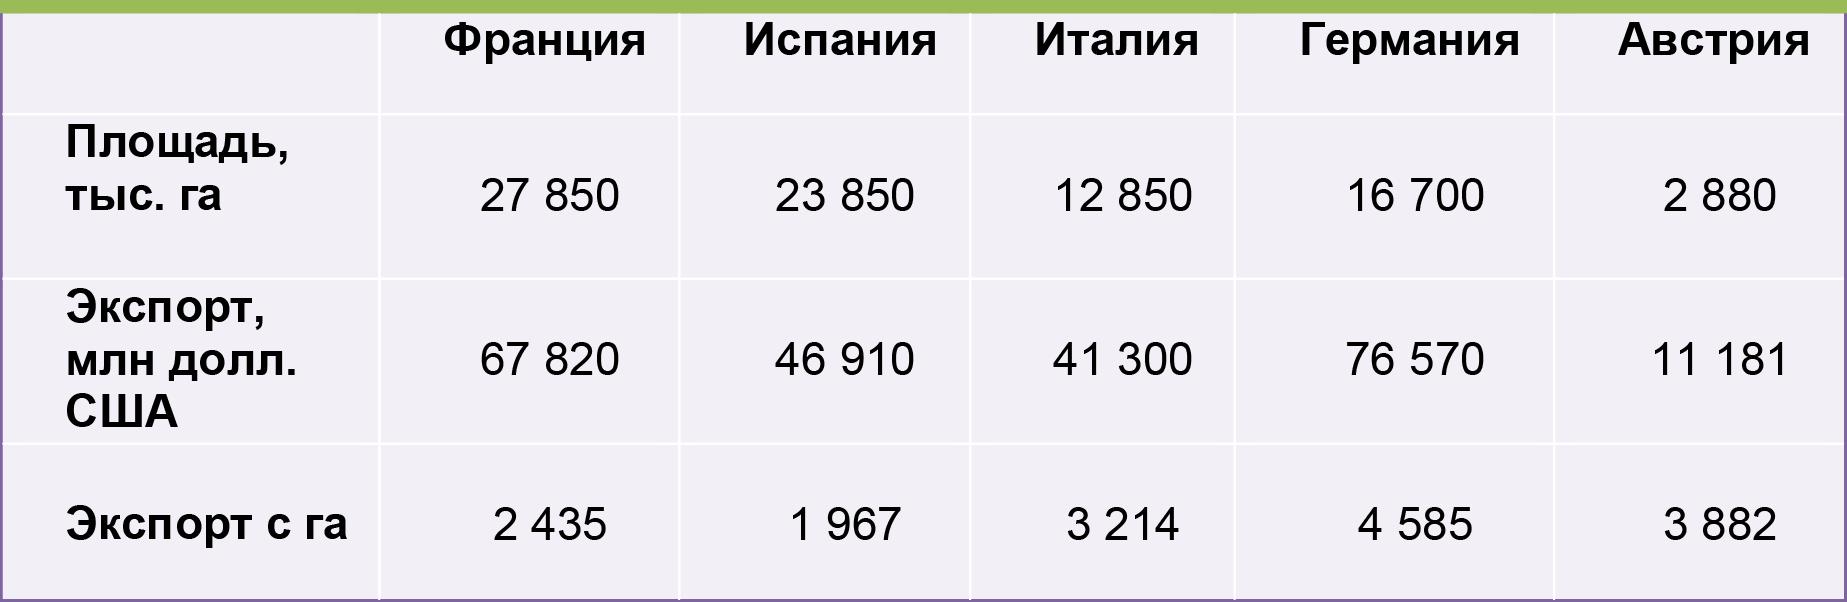 Экспорт сельскохозяйственной продукции и продовольственных товаров, Западная Европа, 2015